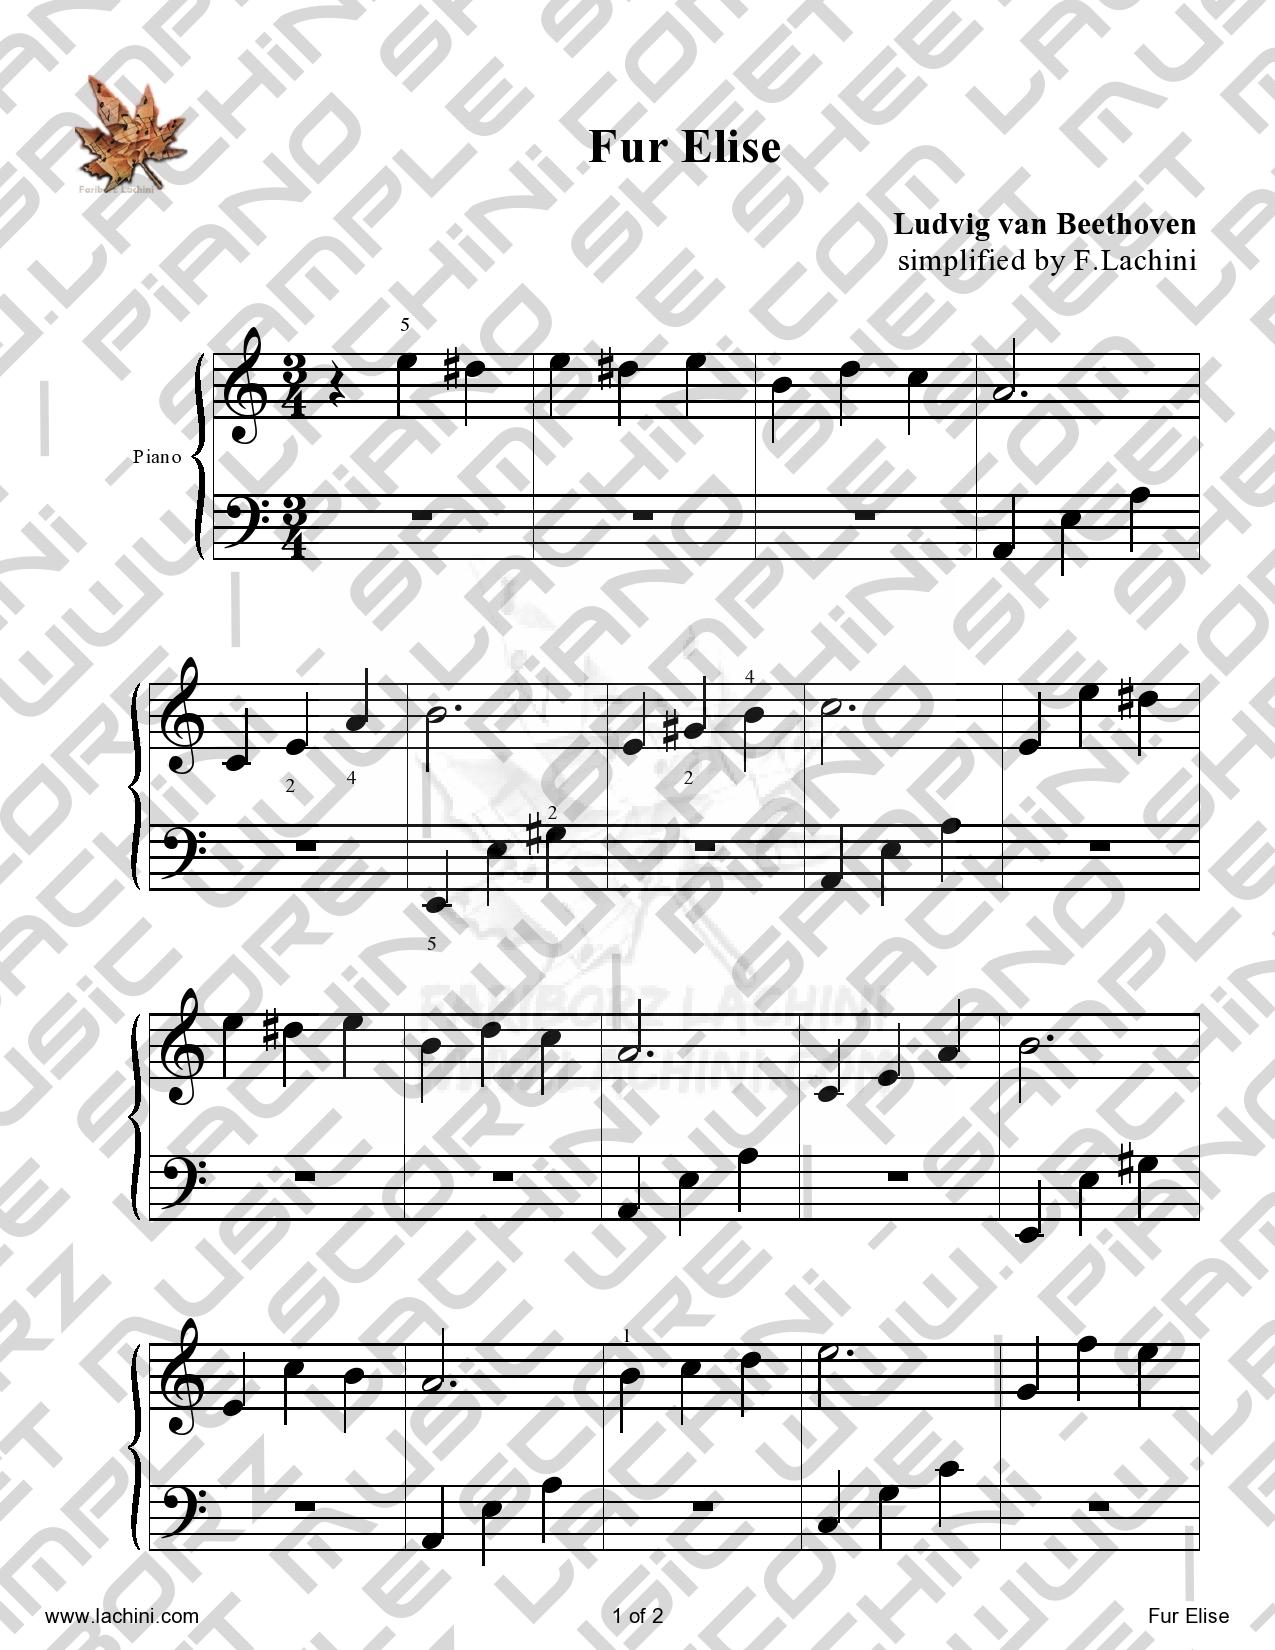 fur elise piano sheet music pdf